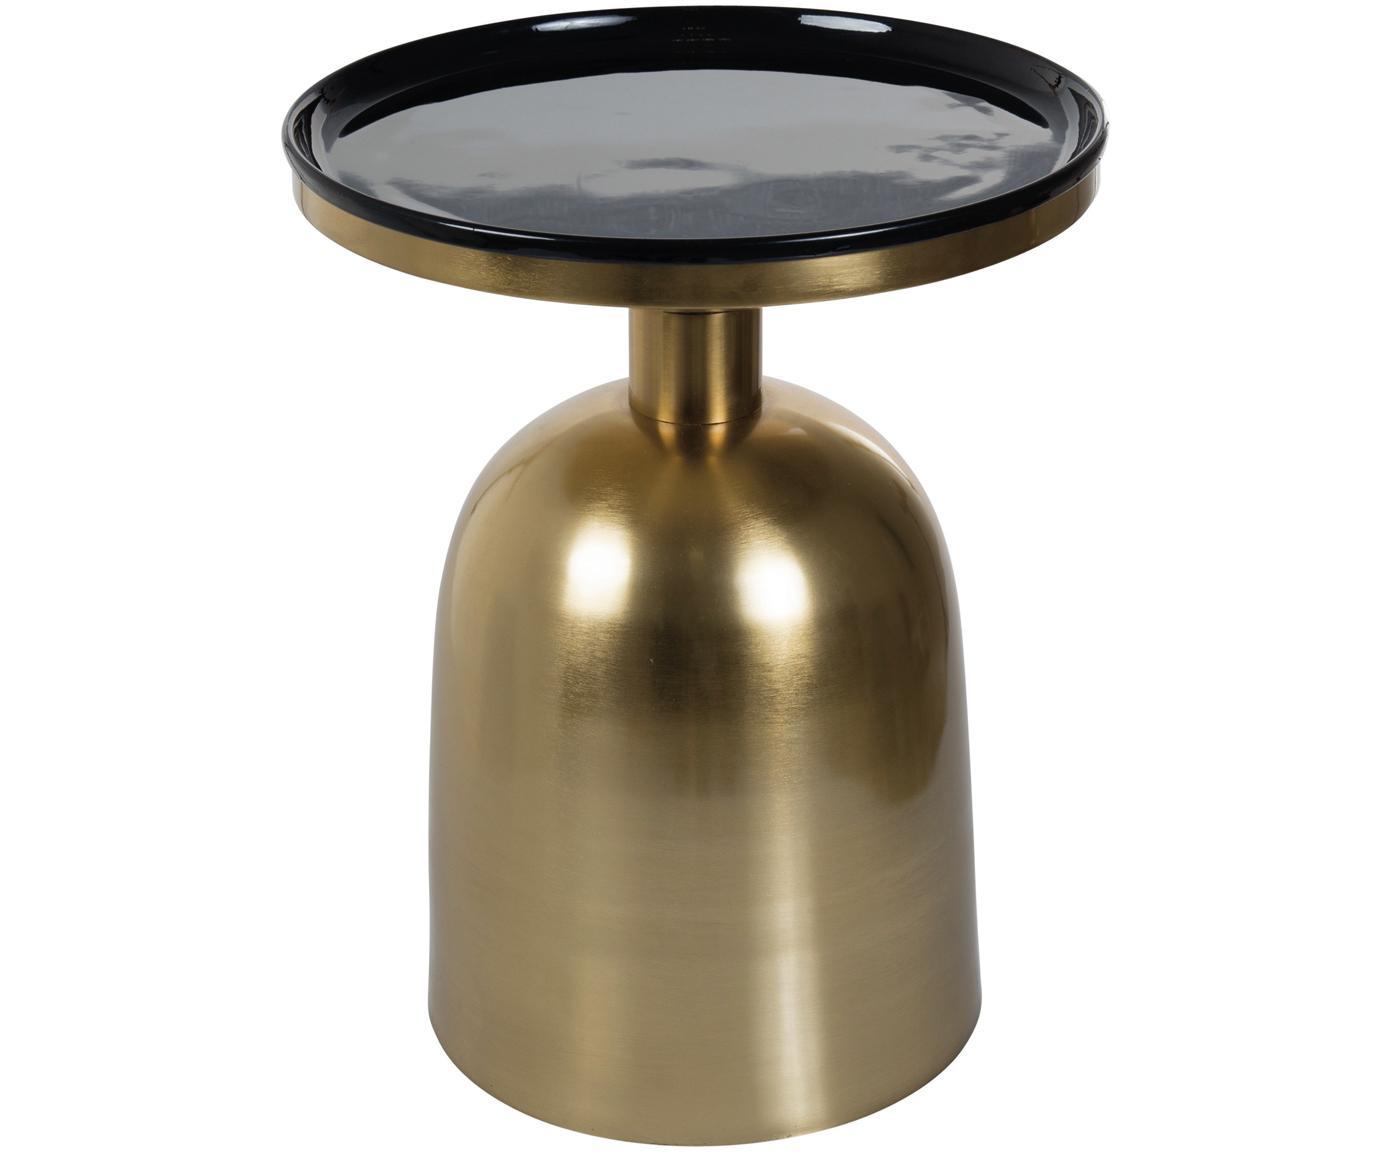 Stolik pomocniczy emaliowany Ikon, Blat: metal emaliowany, Stelaż: metal lakierowany, Odcienie złotego, czarny, Ø 38 x W 46 cm